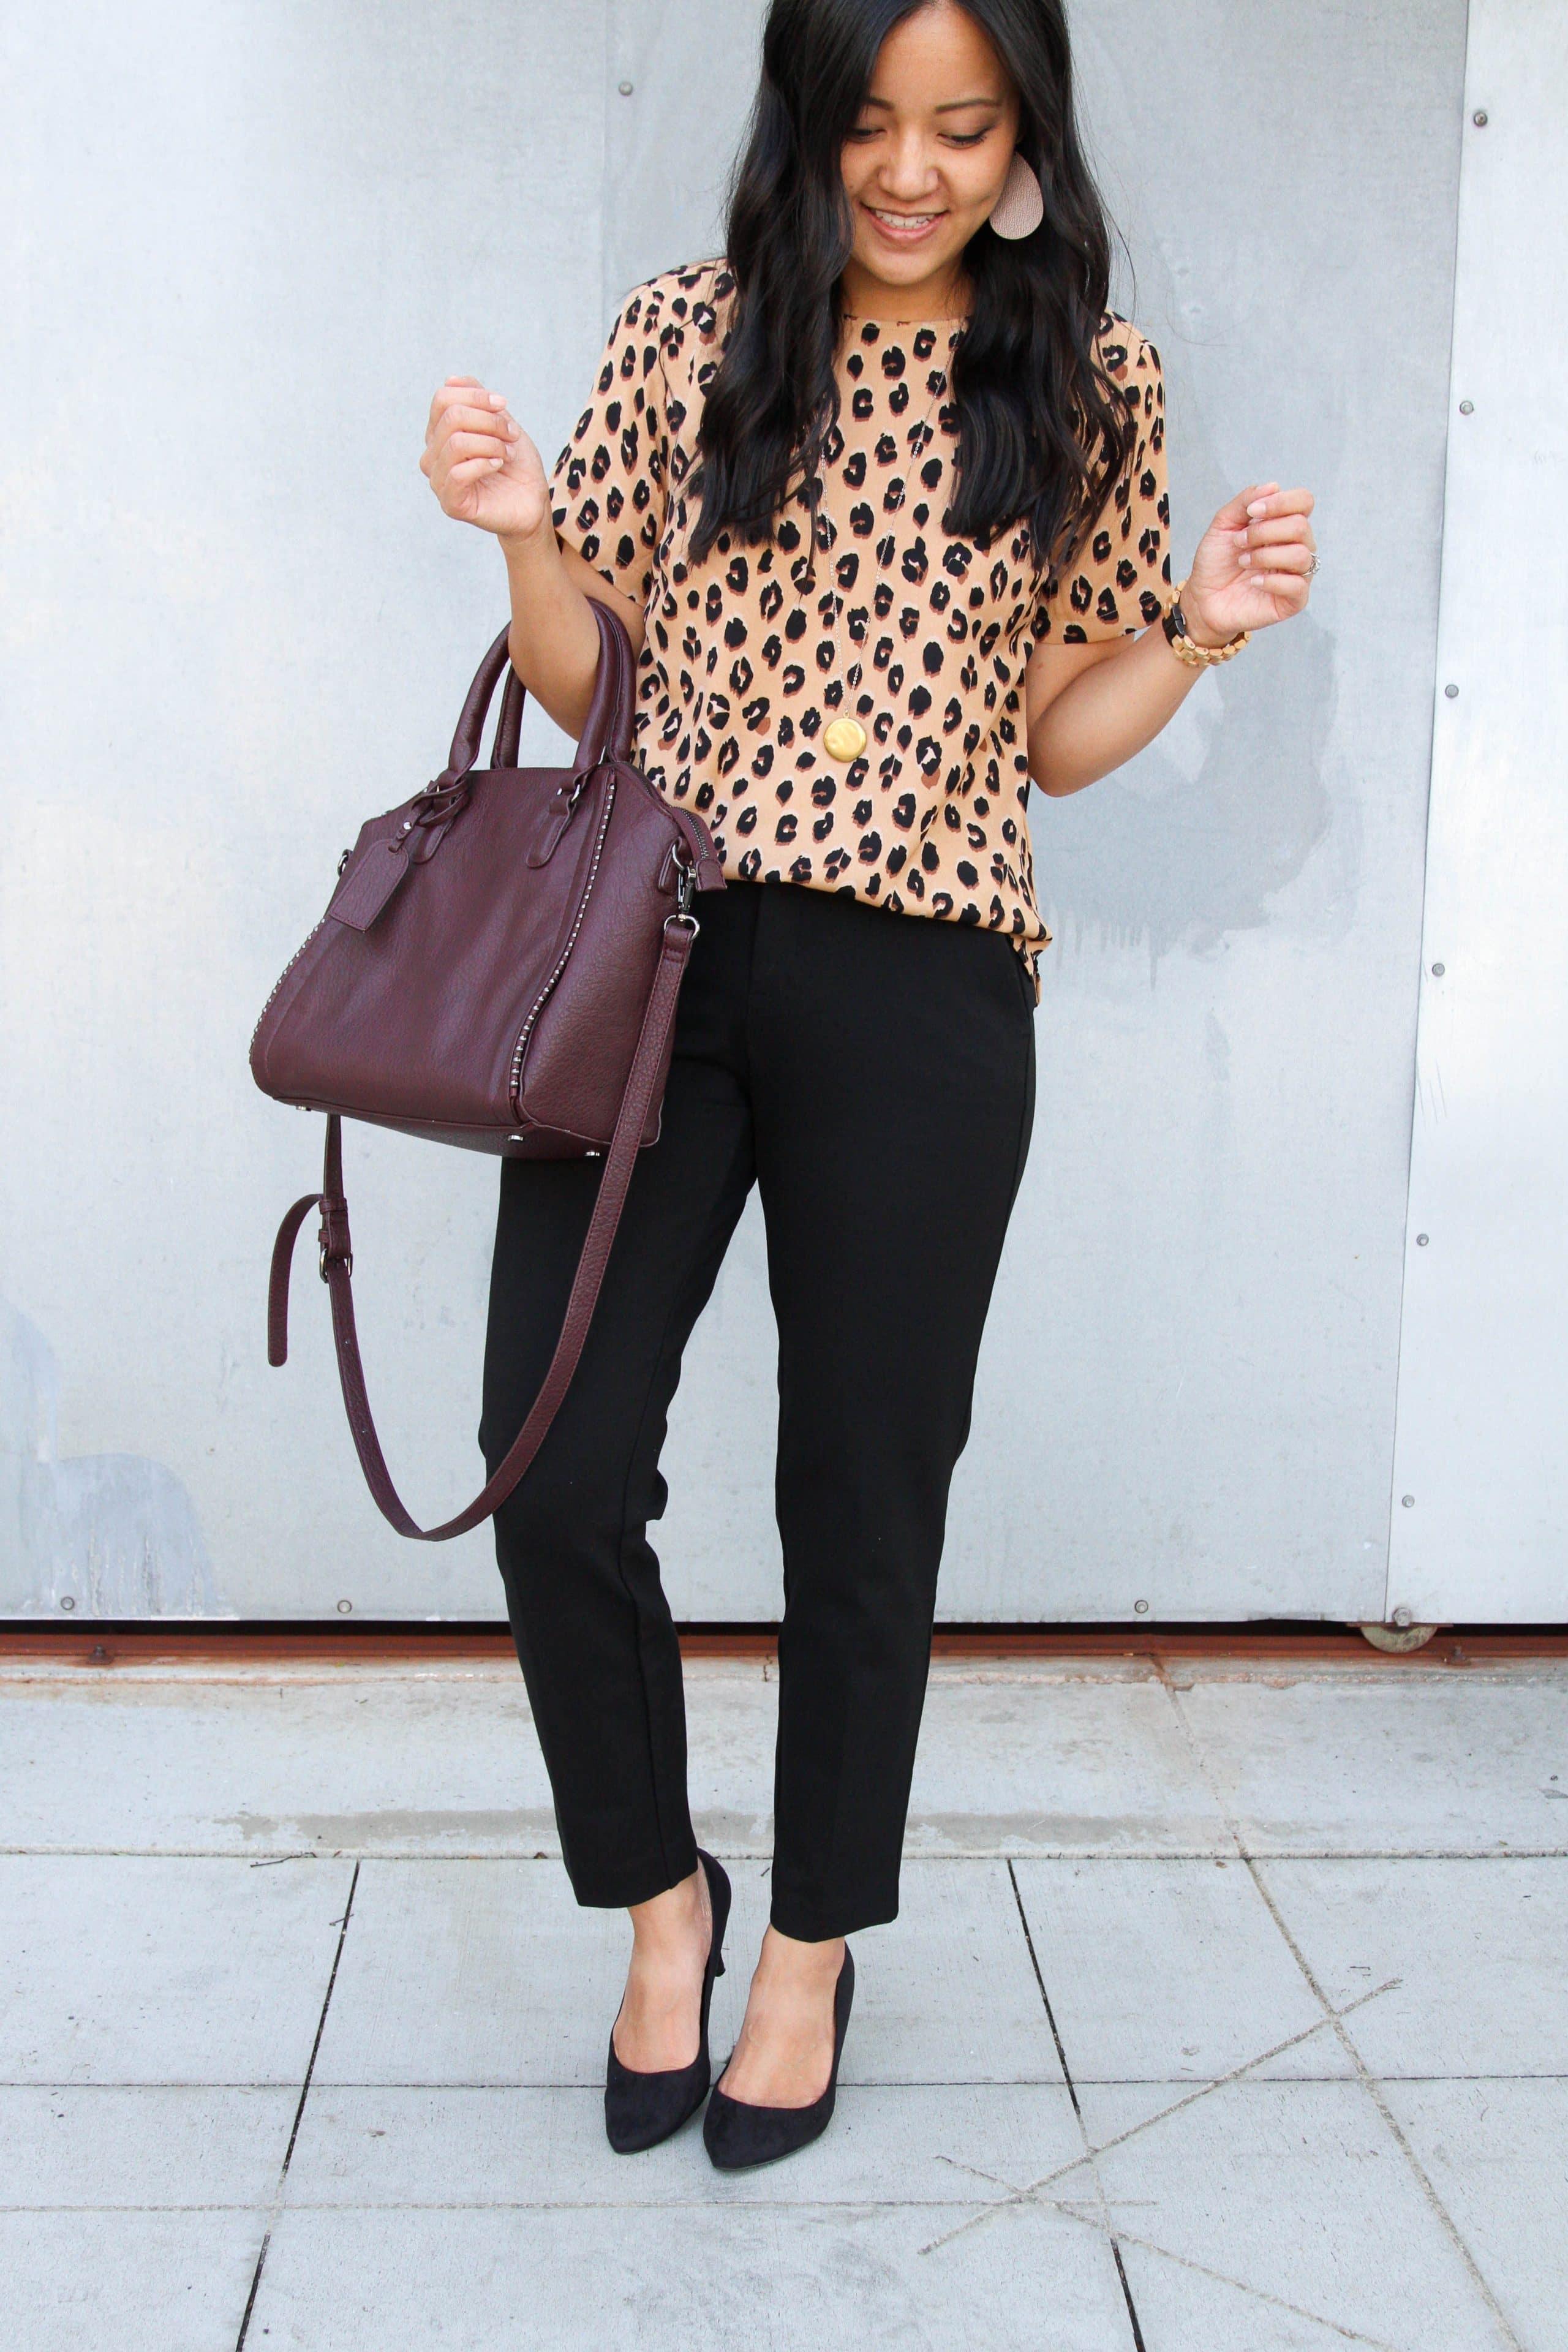 business casual + black pants + leopard print top + black heels + maroon tote